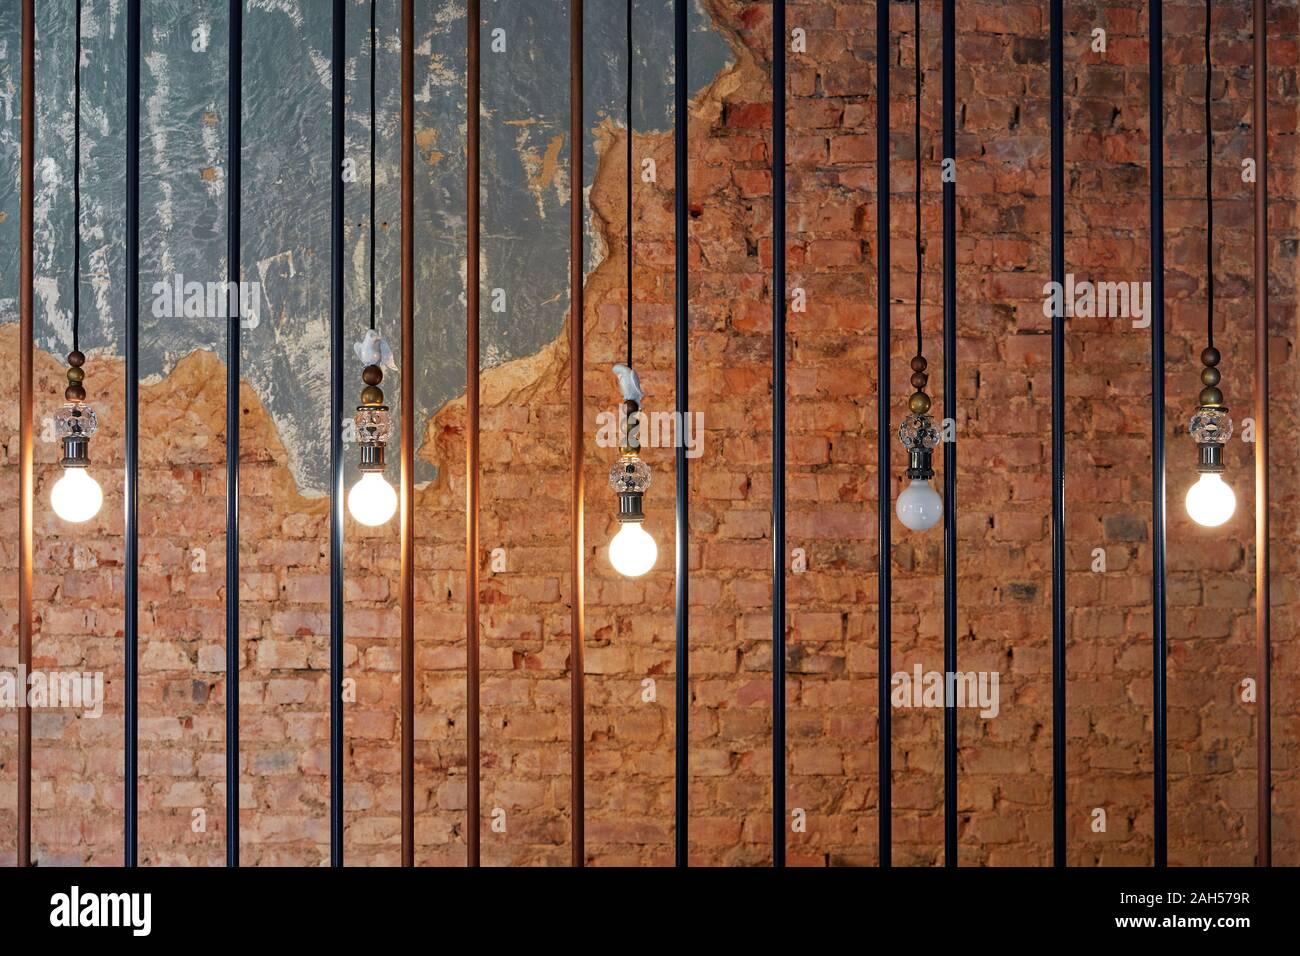 Ampoules de feu, suspendue dans une rangée, derrière des barreaux de fer, dans le contexte d'un mur de briques Banque D'Images